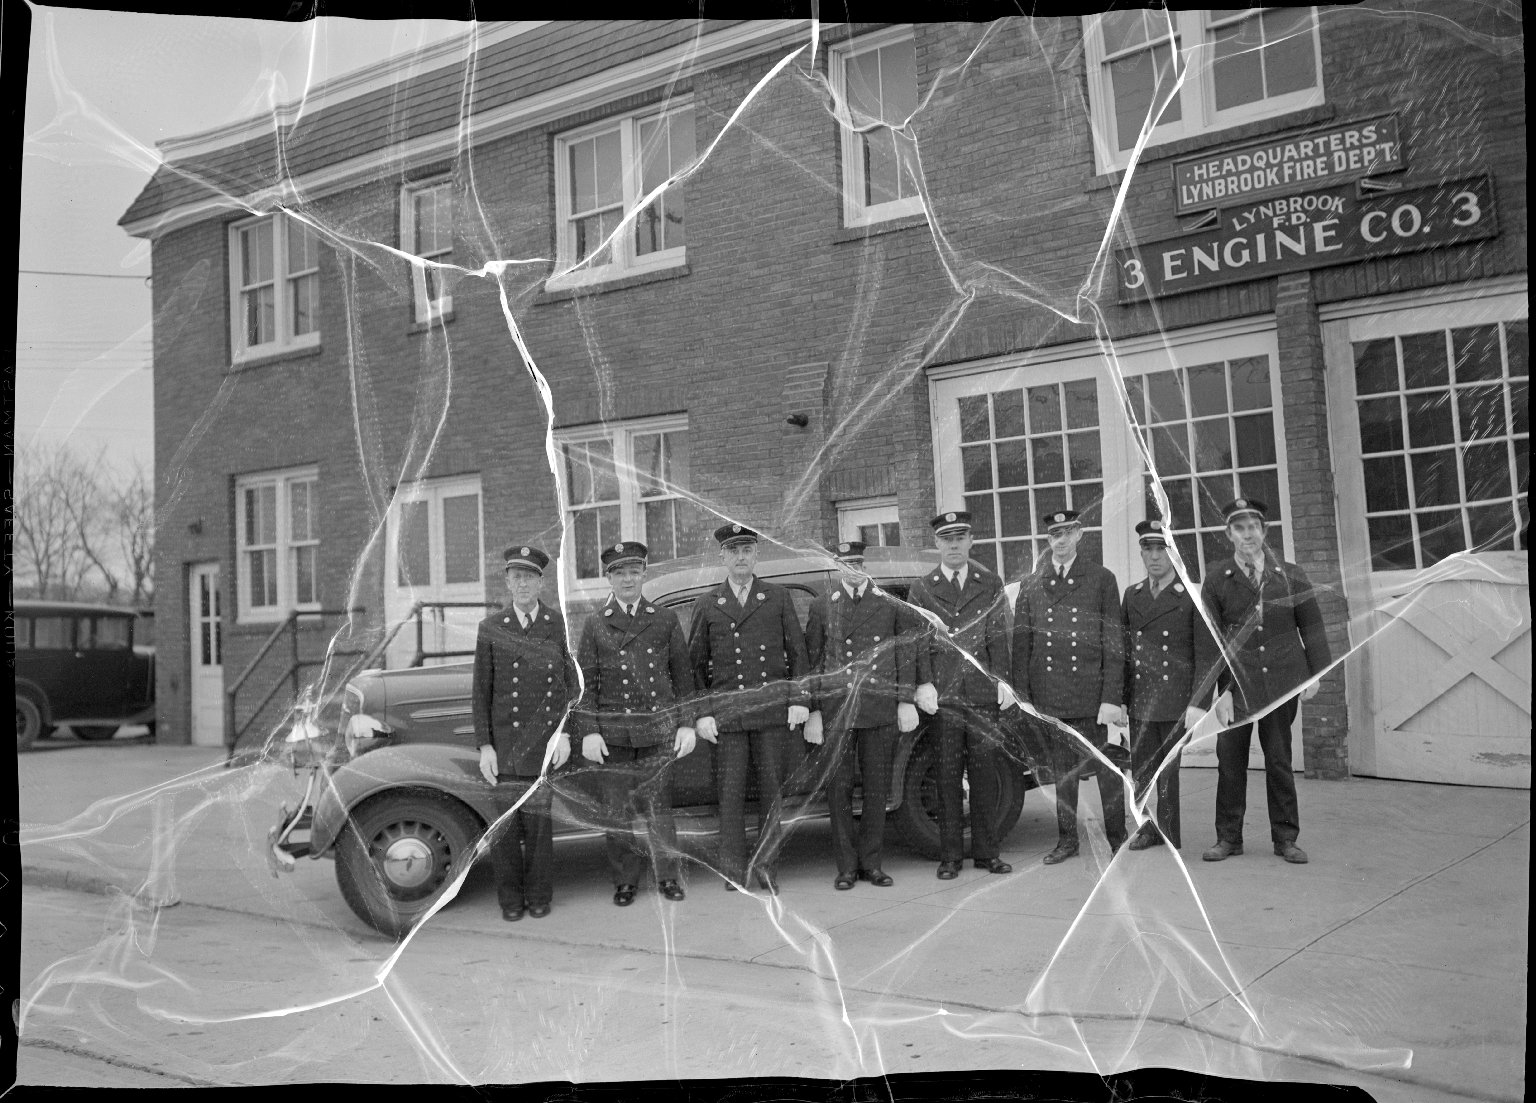 Пожарное депо Линдбрук. Нью-Йорк, США, 1939 год